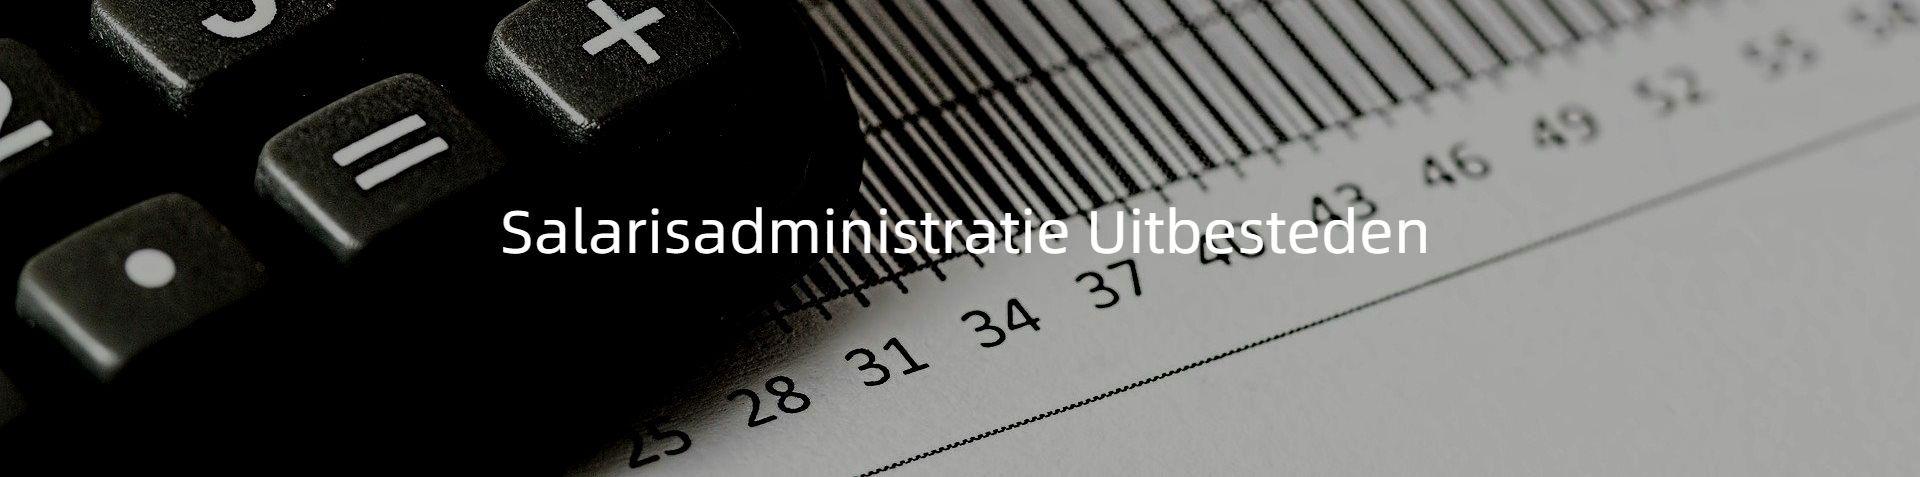 Administratiekantoor Hofman - Salarisadministratie Uitbesteden